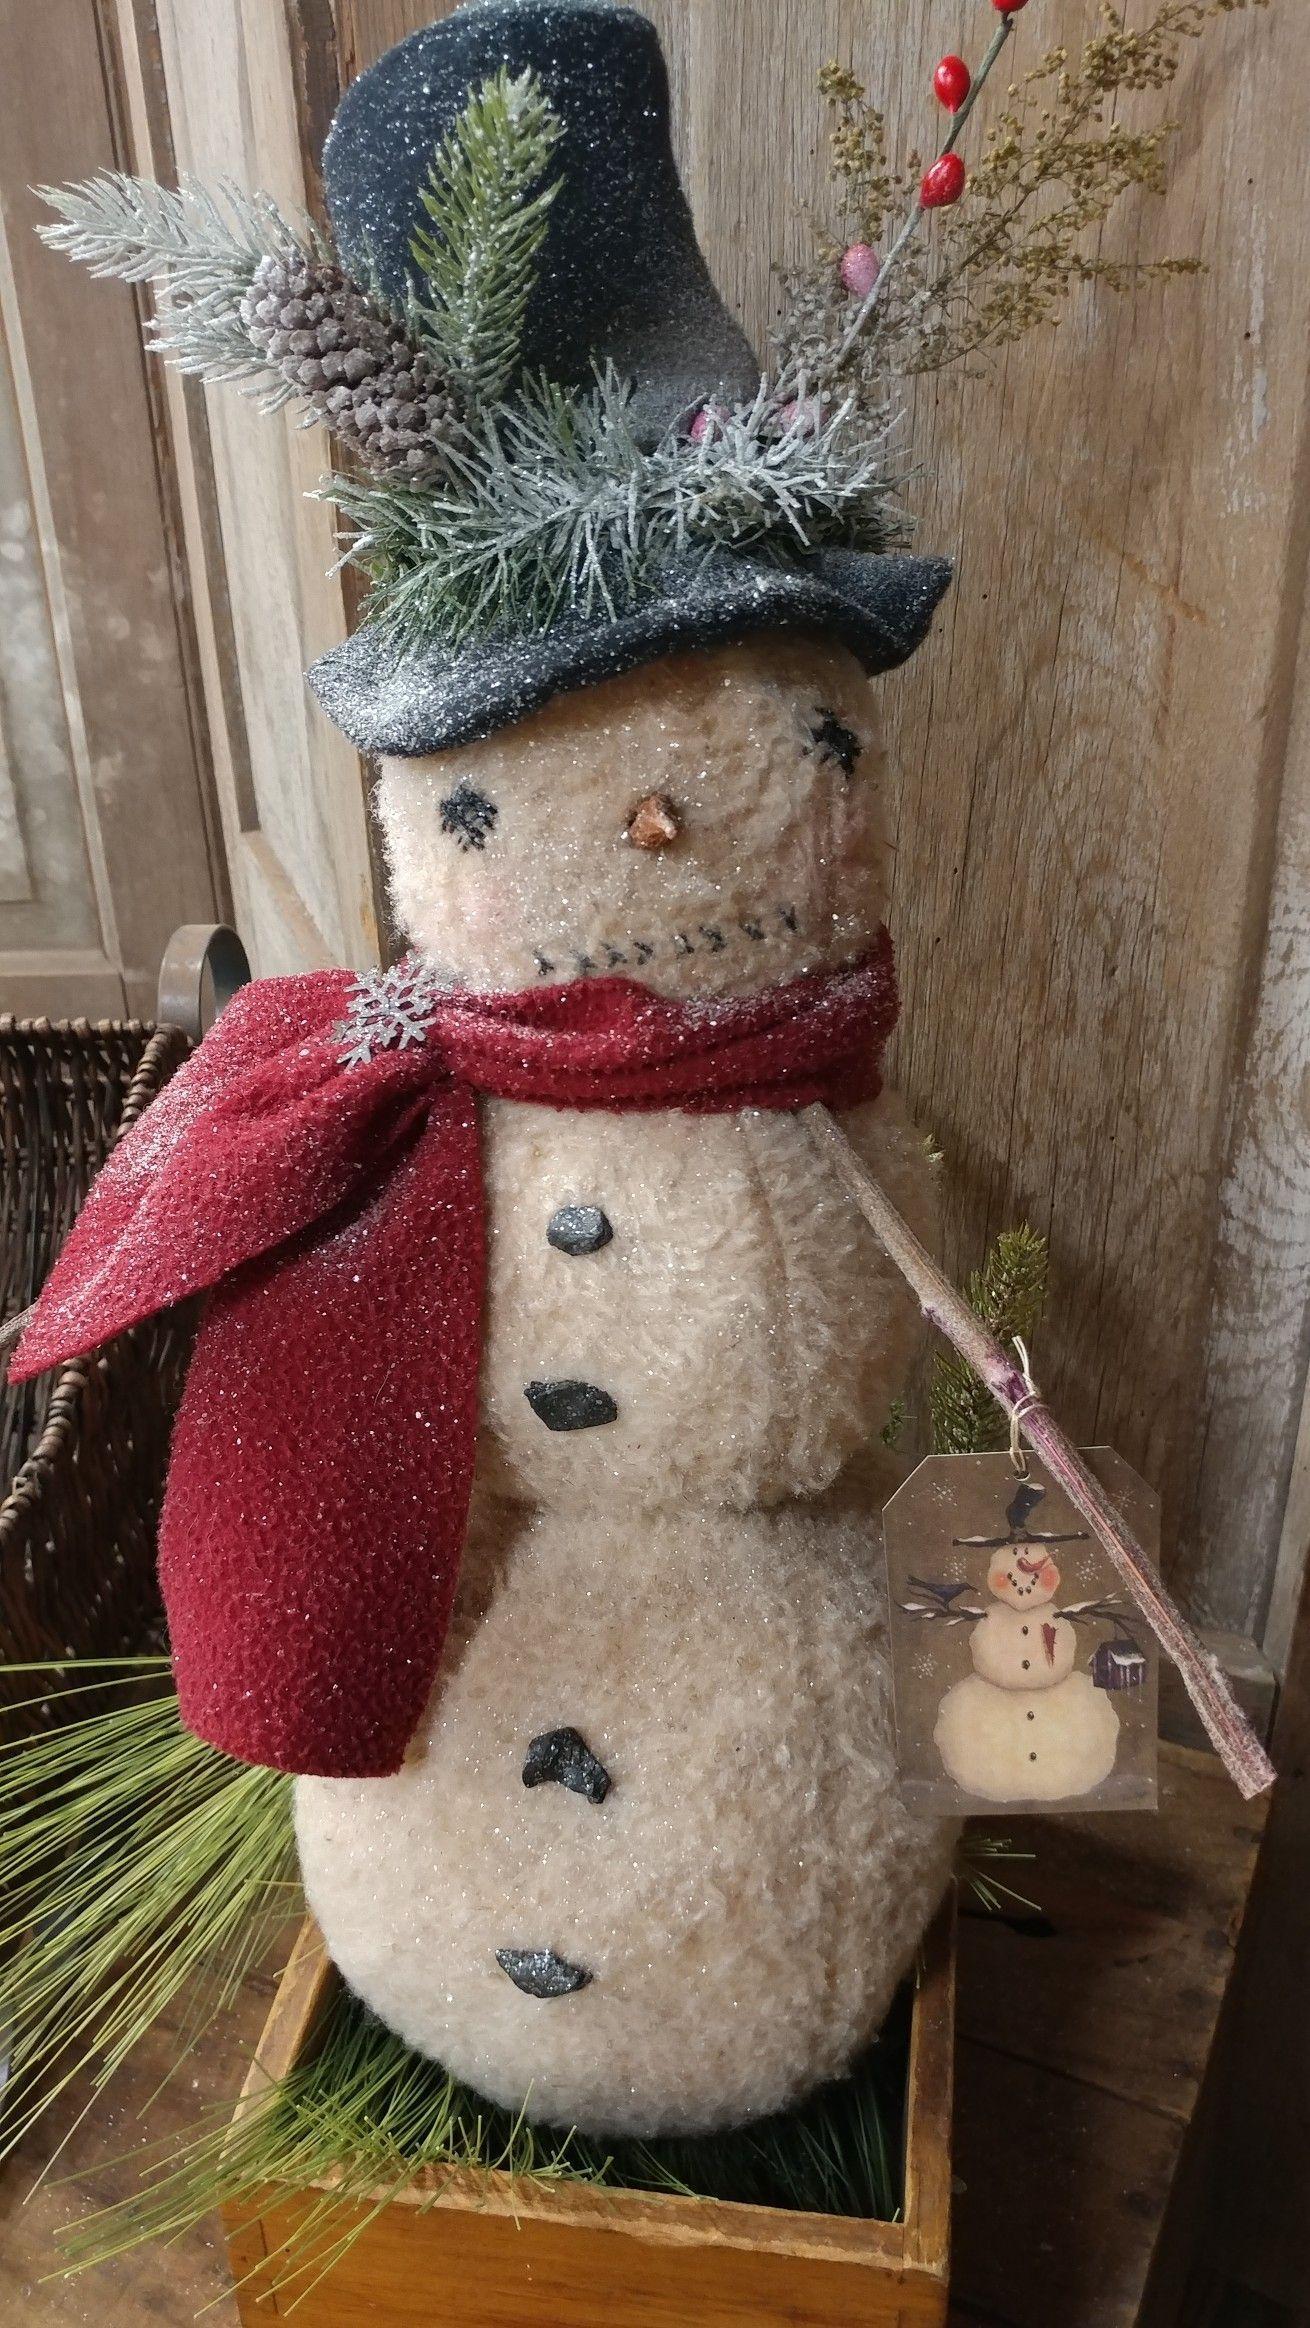 Primitive Snowmen Primitive Snowmen Snowman Crafts Snowman Wreath Christmas Christmas Decor Ch In 2020 Primitive Country Christmas Christmas Crafts Primitive Christmas